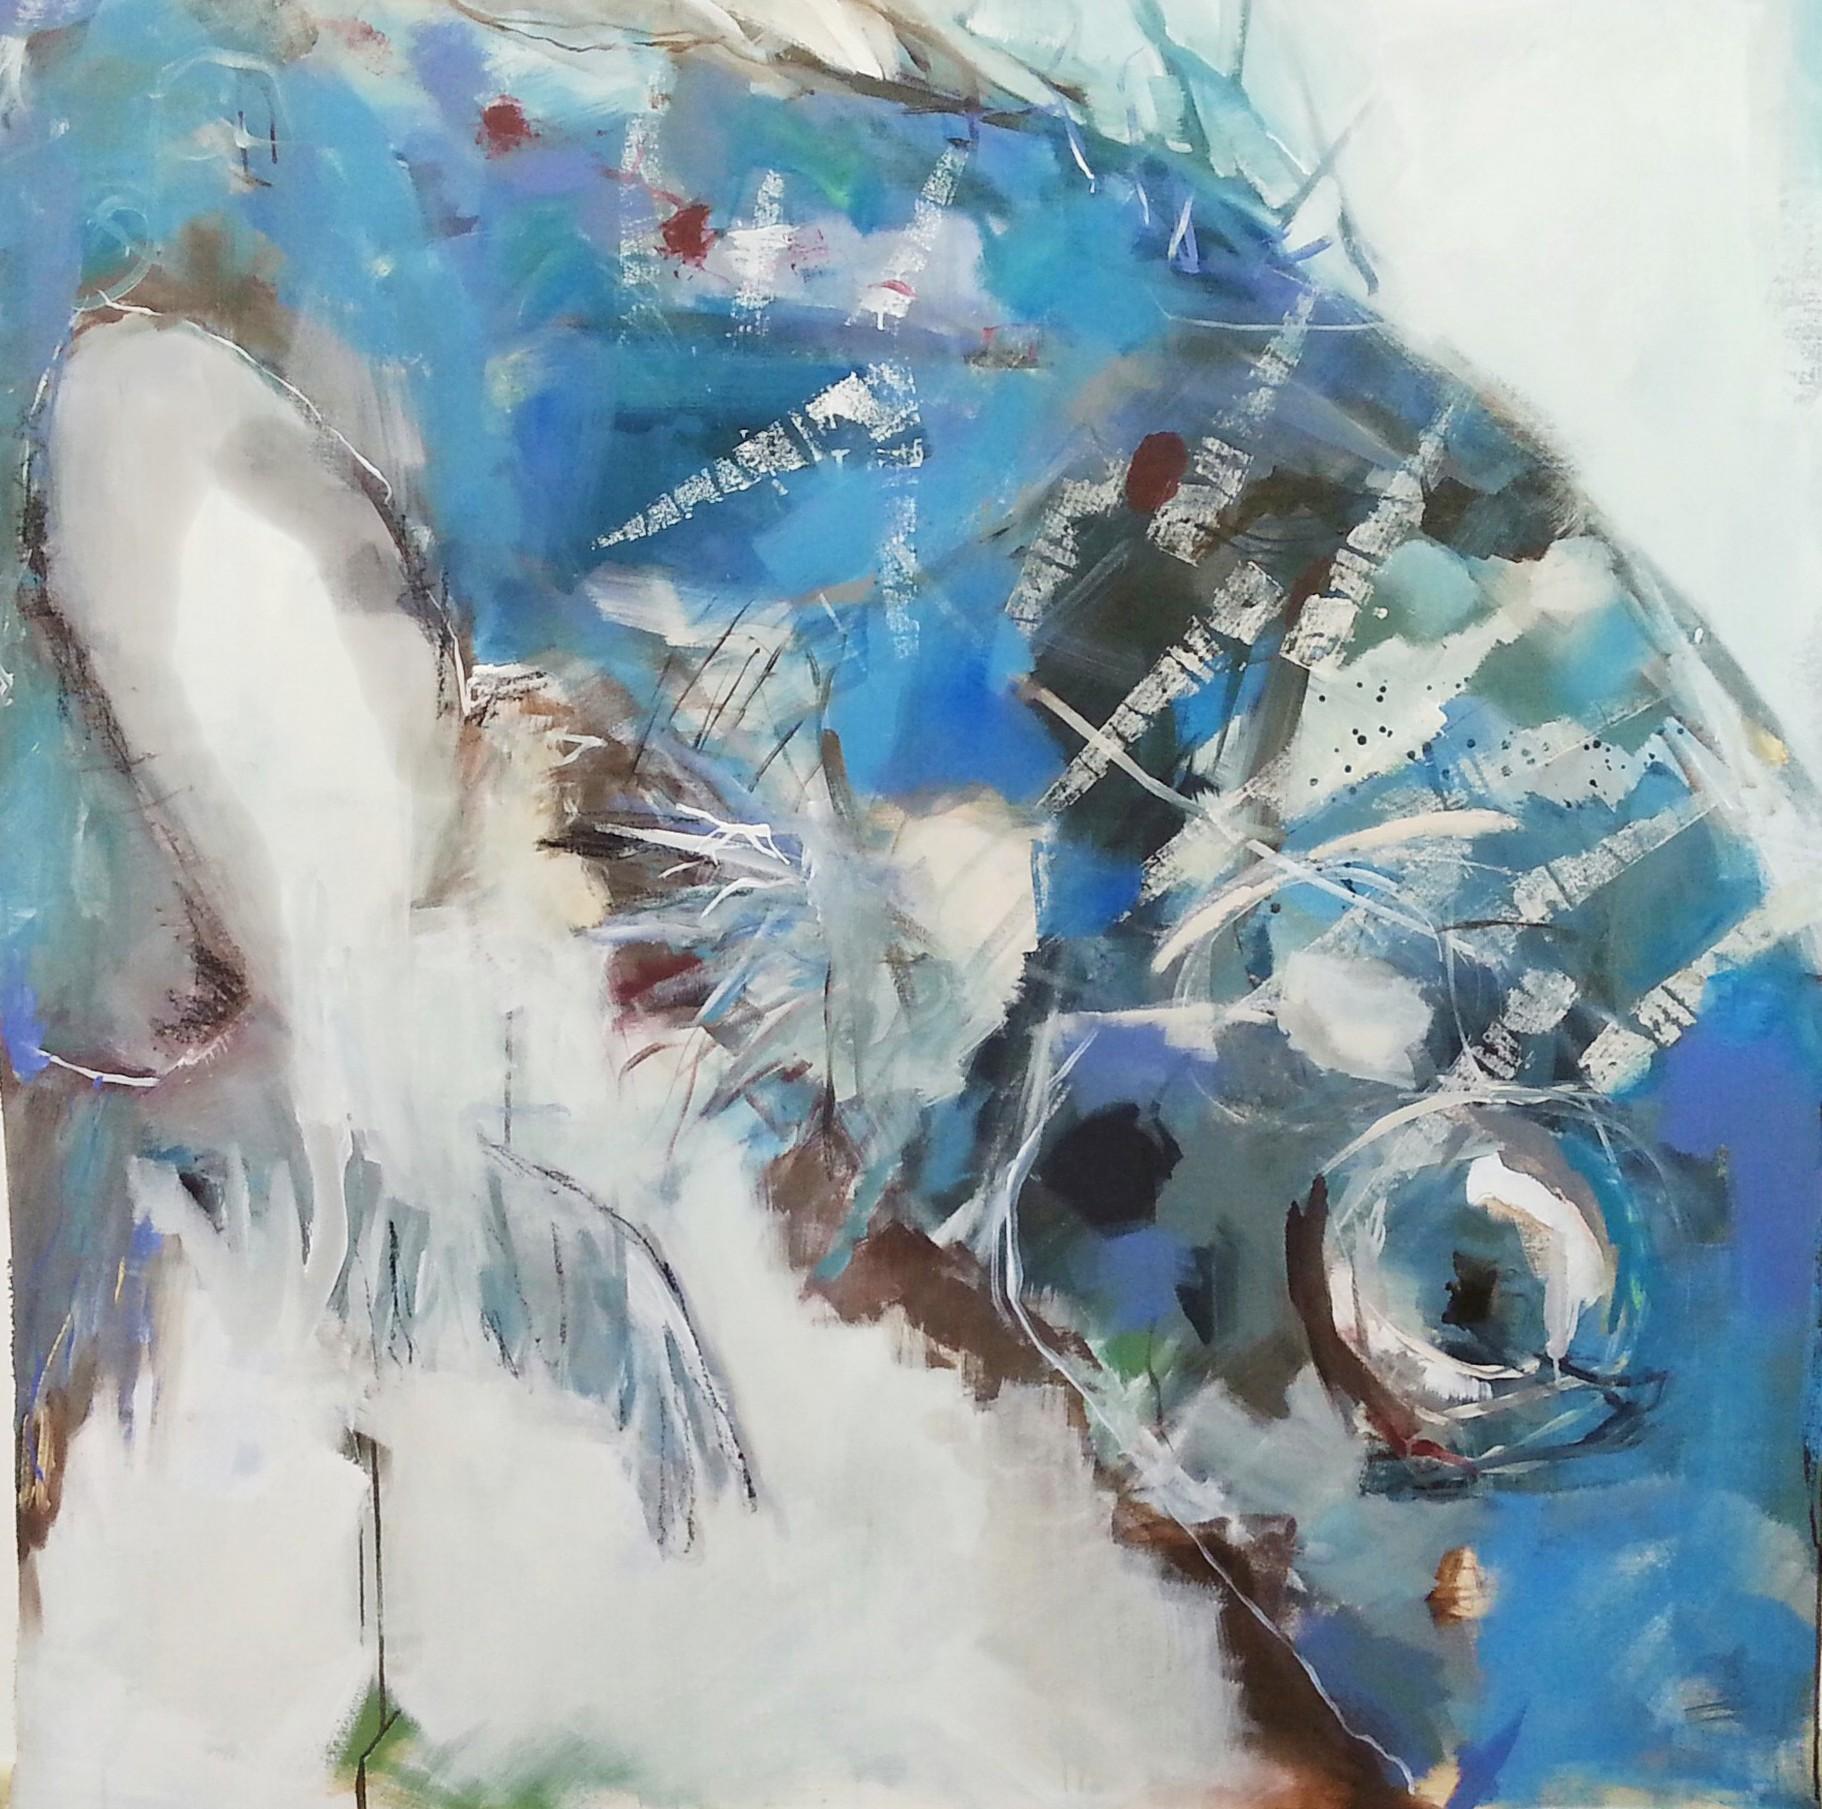 requiem für einen fisch - 2015 - acryl auf leinwand - 150x150